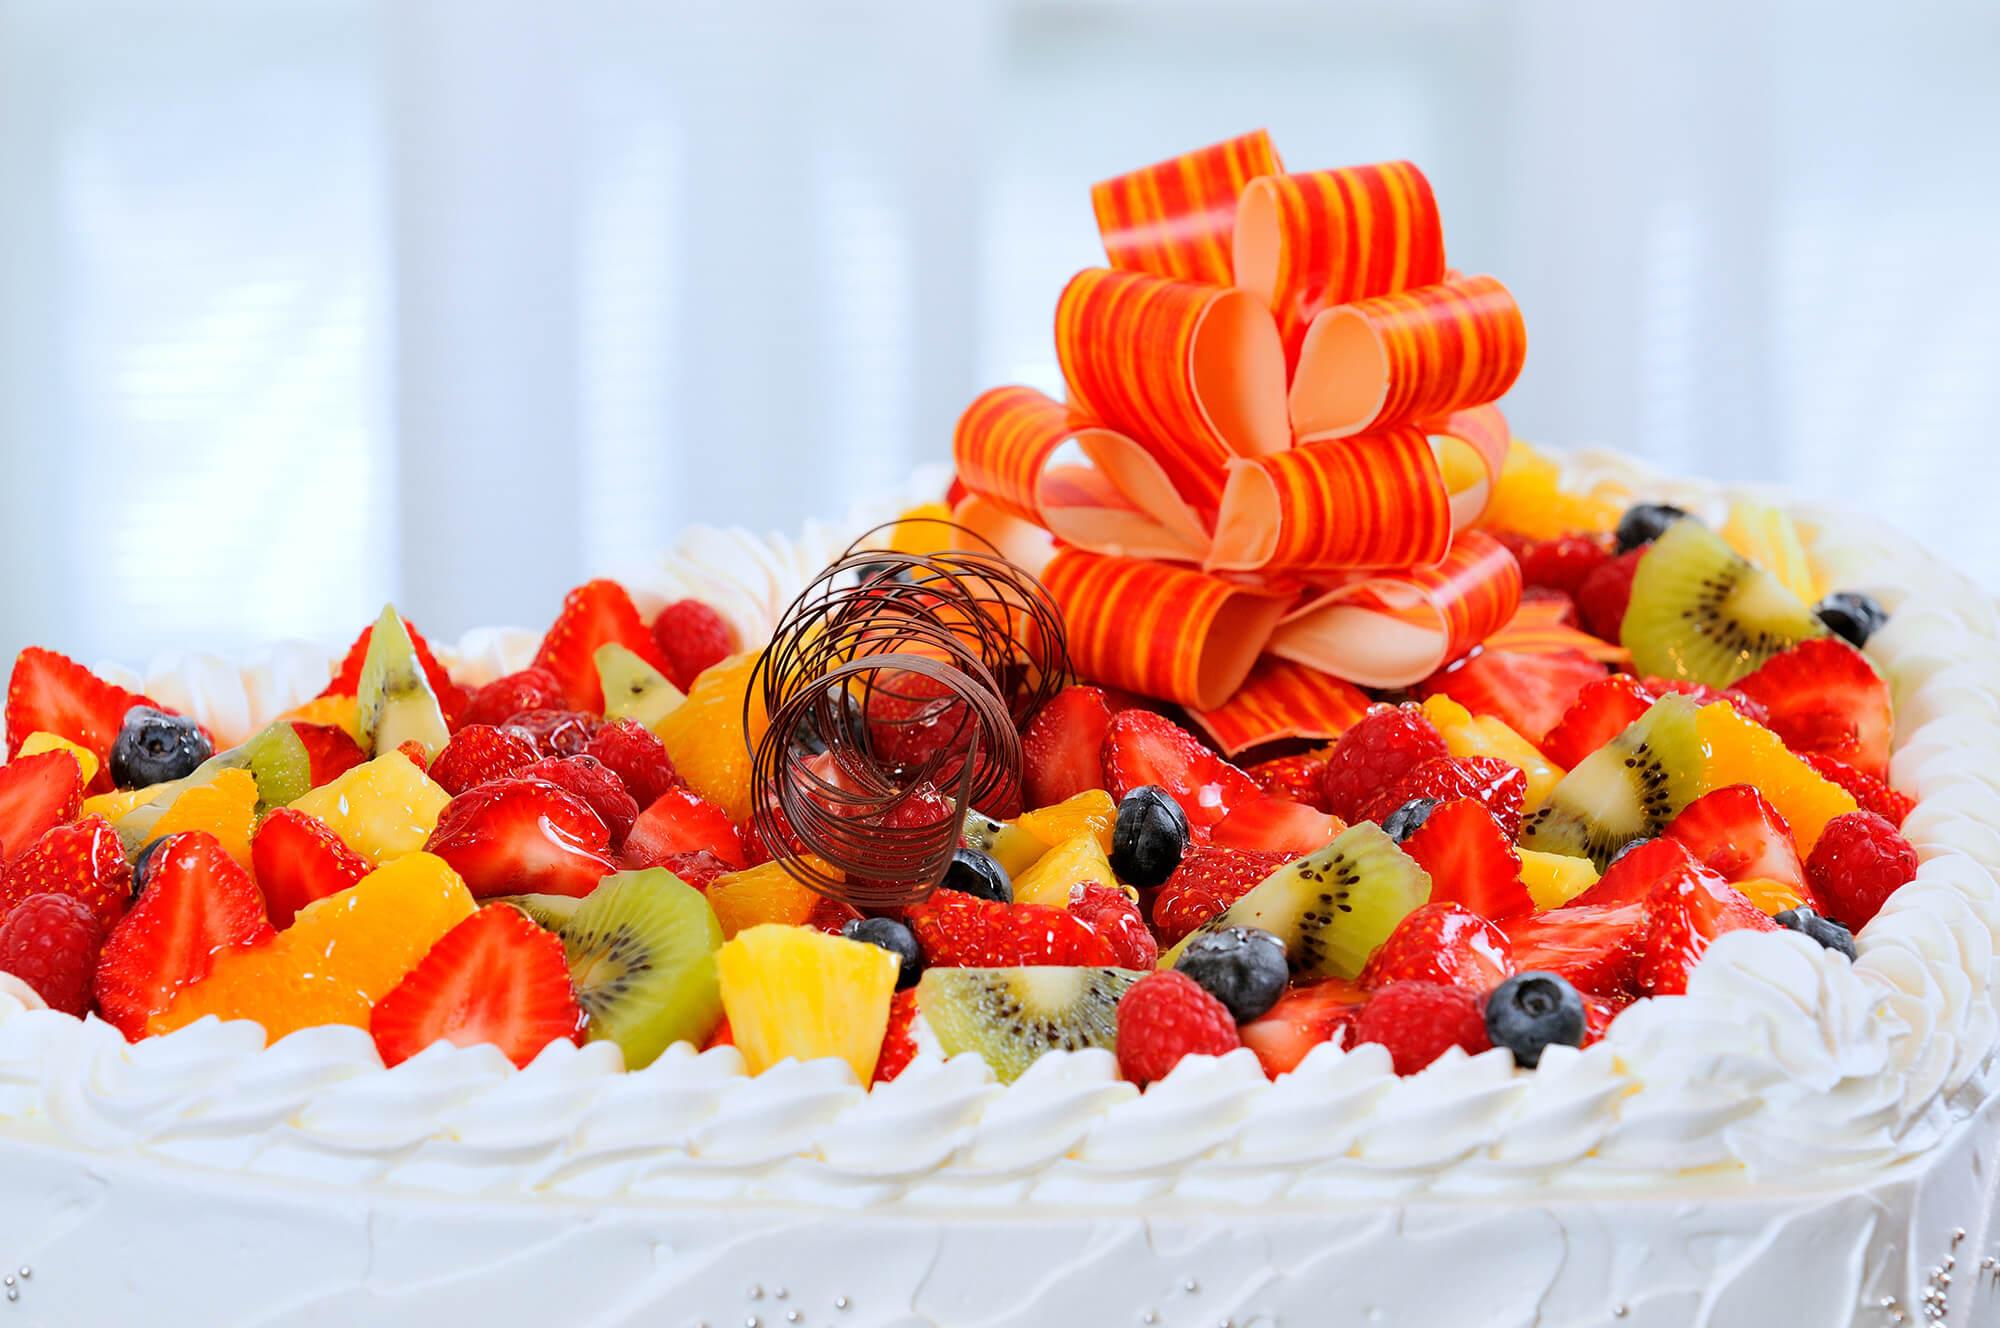 ケーキ・ドリンク<br />Cake &#038; Drink